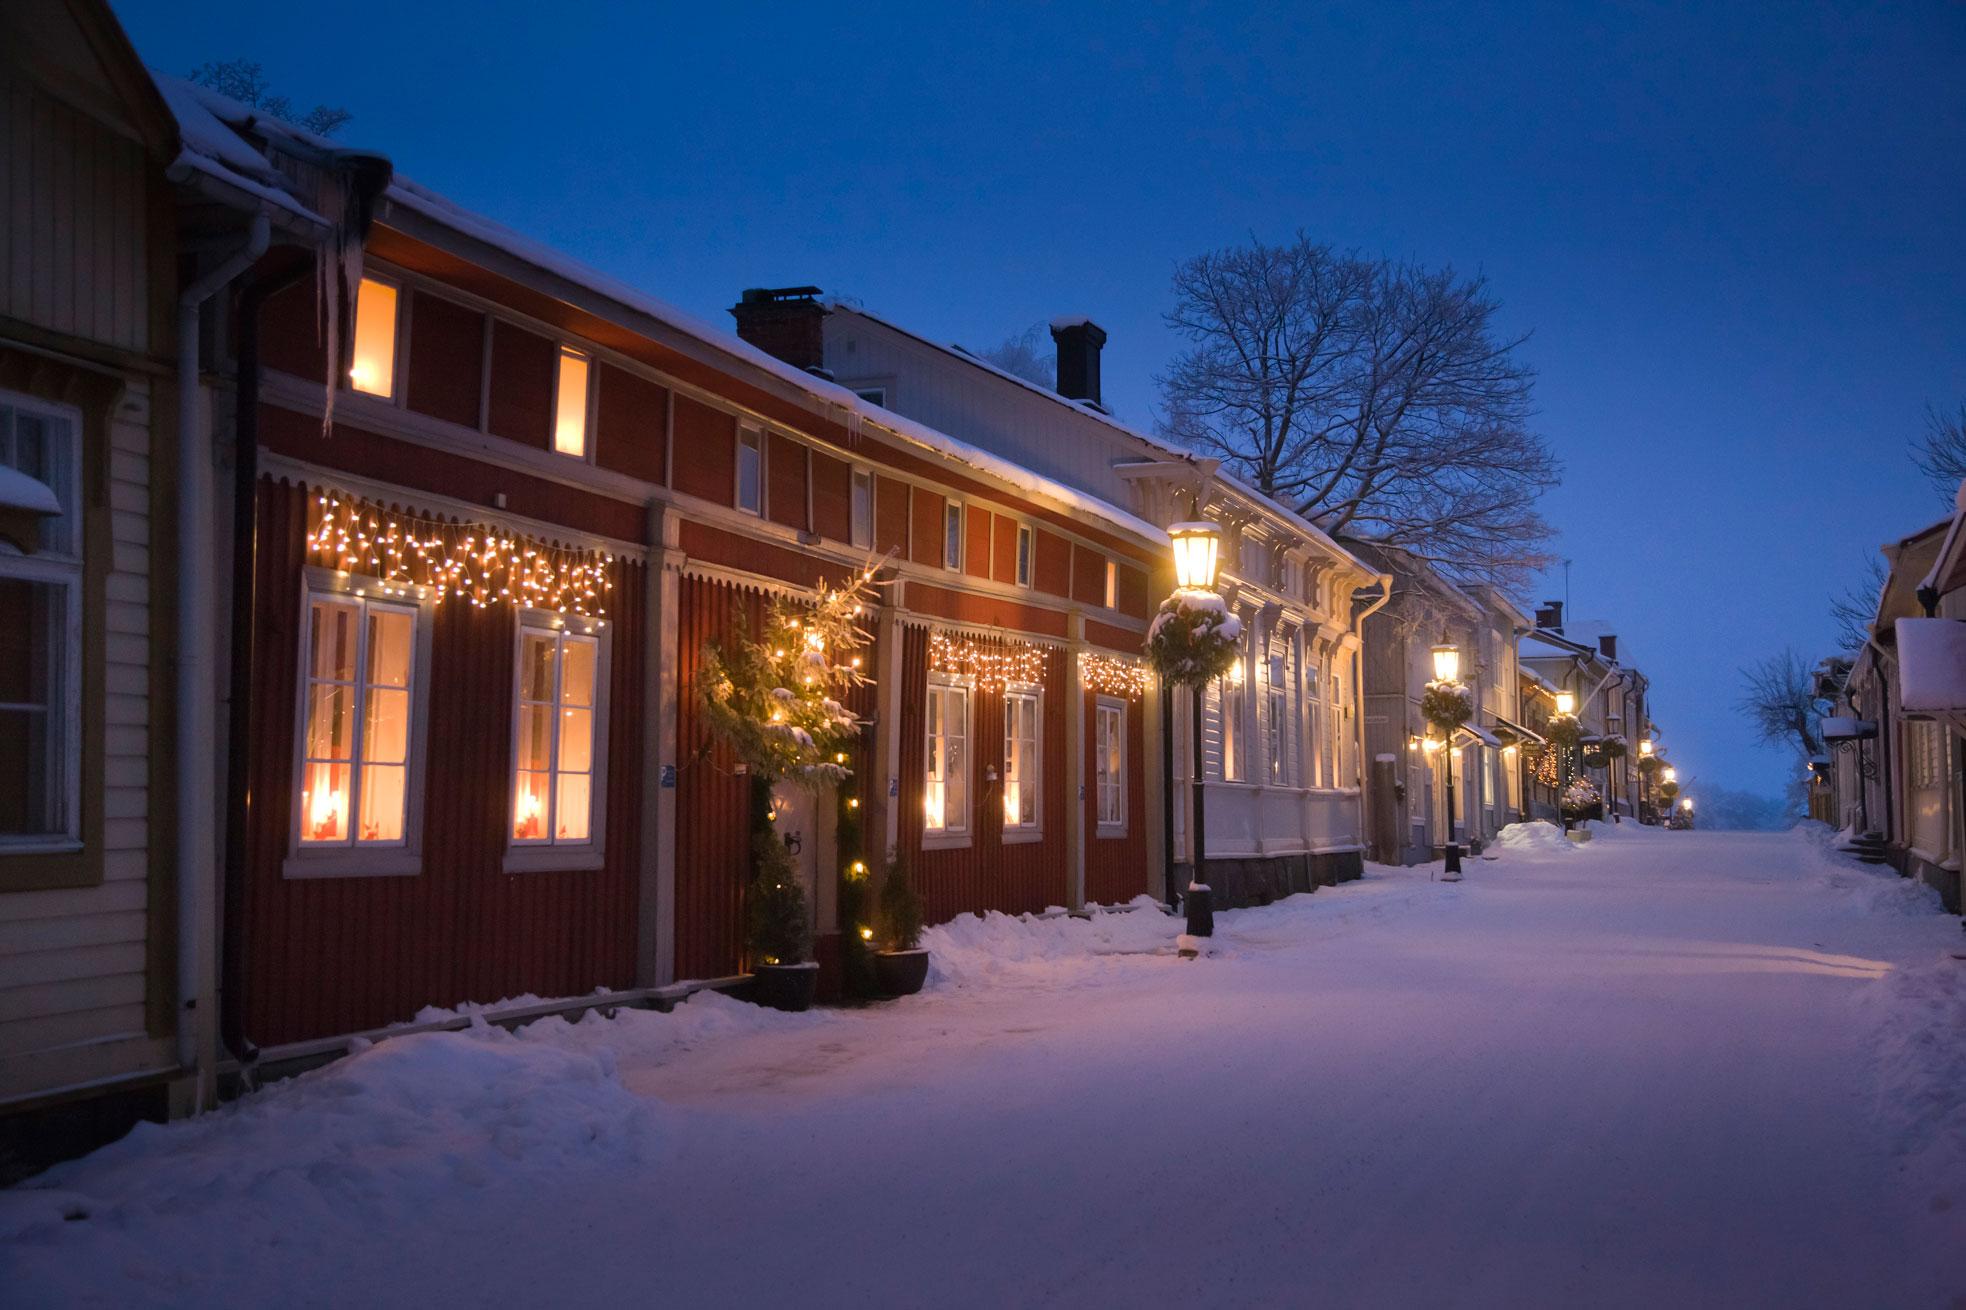 finnland erstrahlt in weihnachtlichem glanz dein. Black Bedroom Furniture Sets. Home Design Ideas